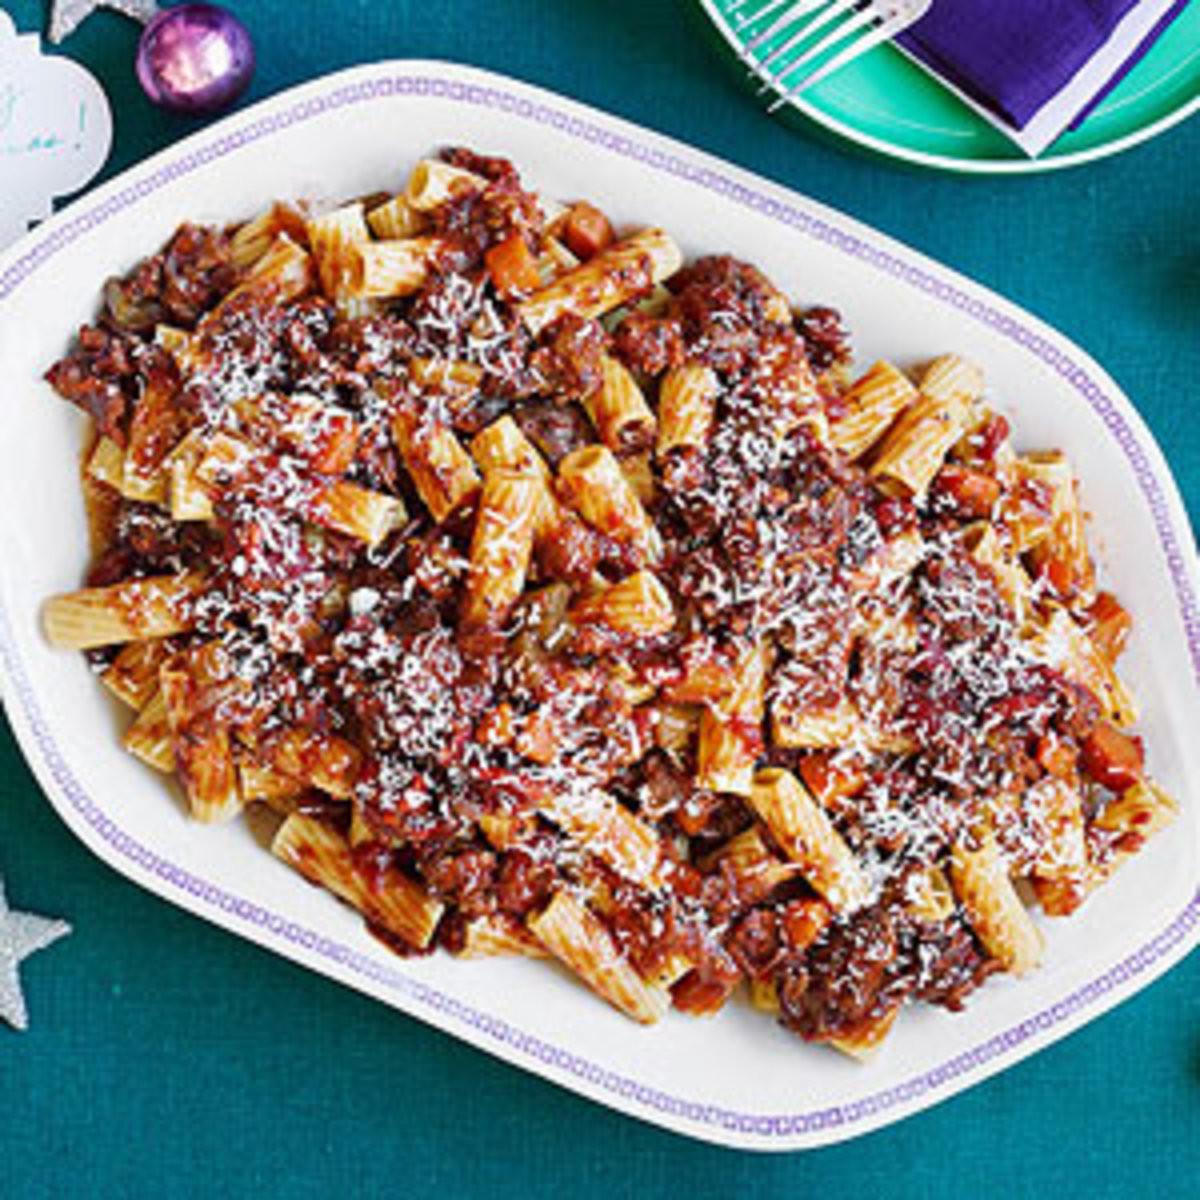 Italian Christmas Dinner Recipes  Italian Christmas Recipes Rachael Ray Every Day